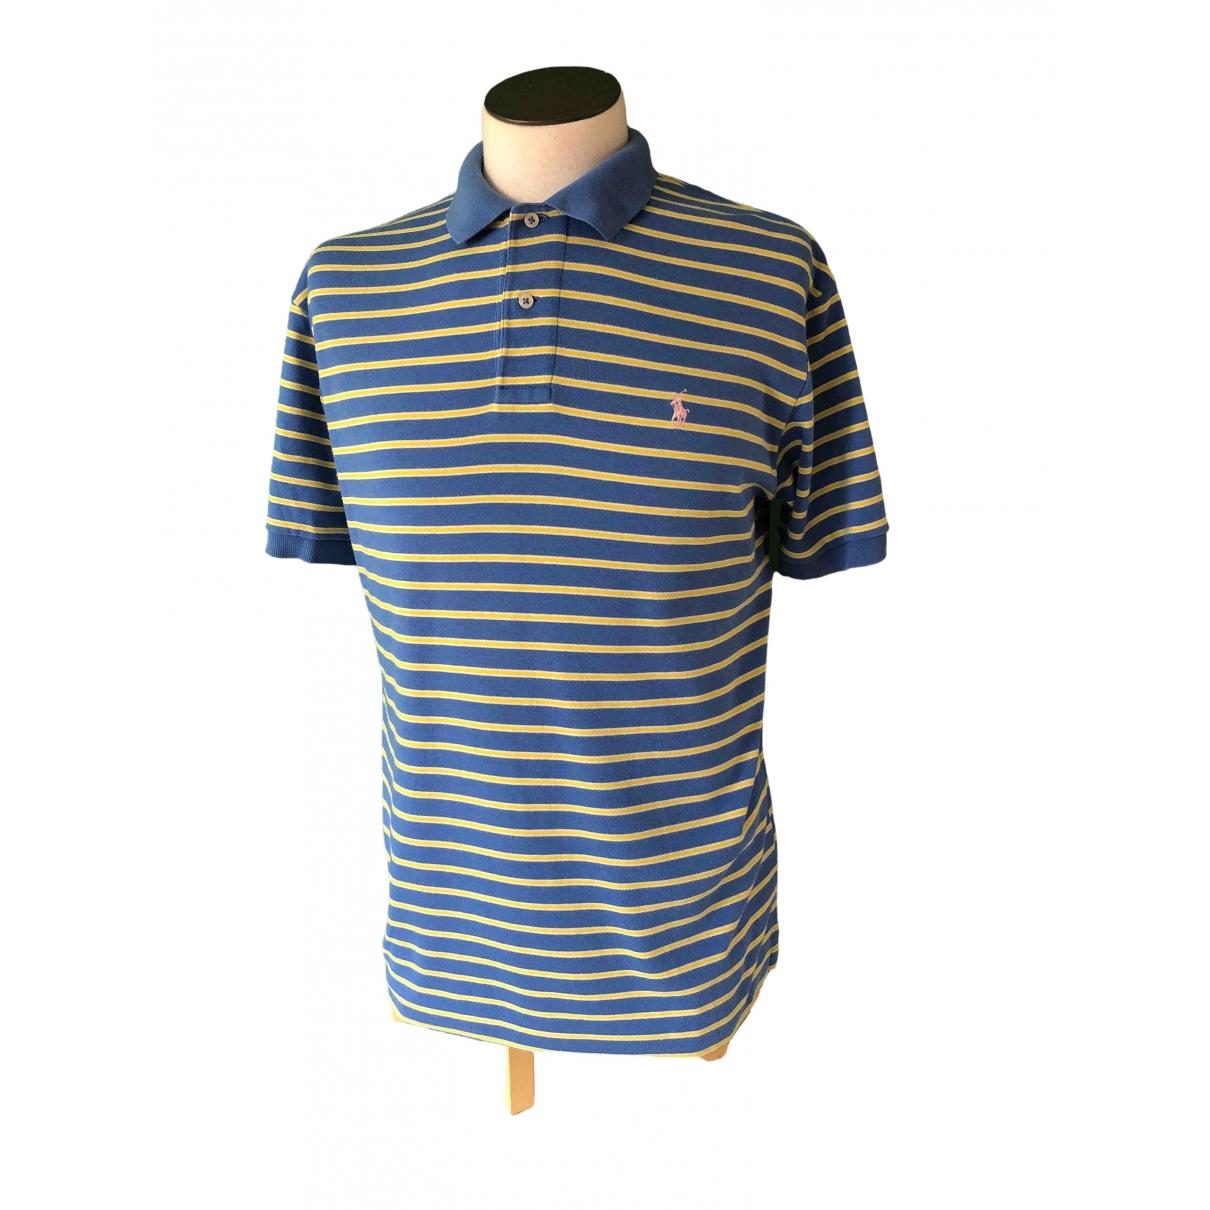 Polo Ralph Lauren - Polos Polo classique manches courtes pour homme en coton - multicolore